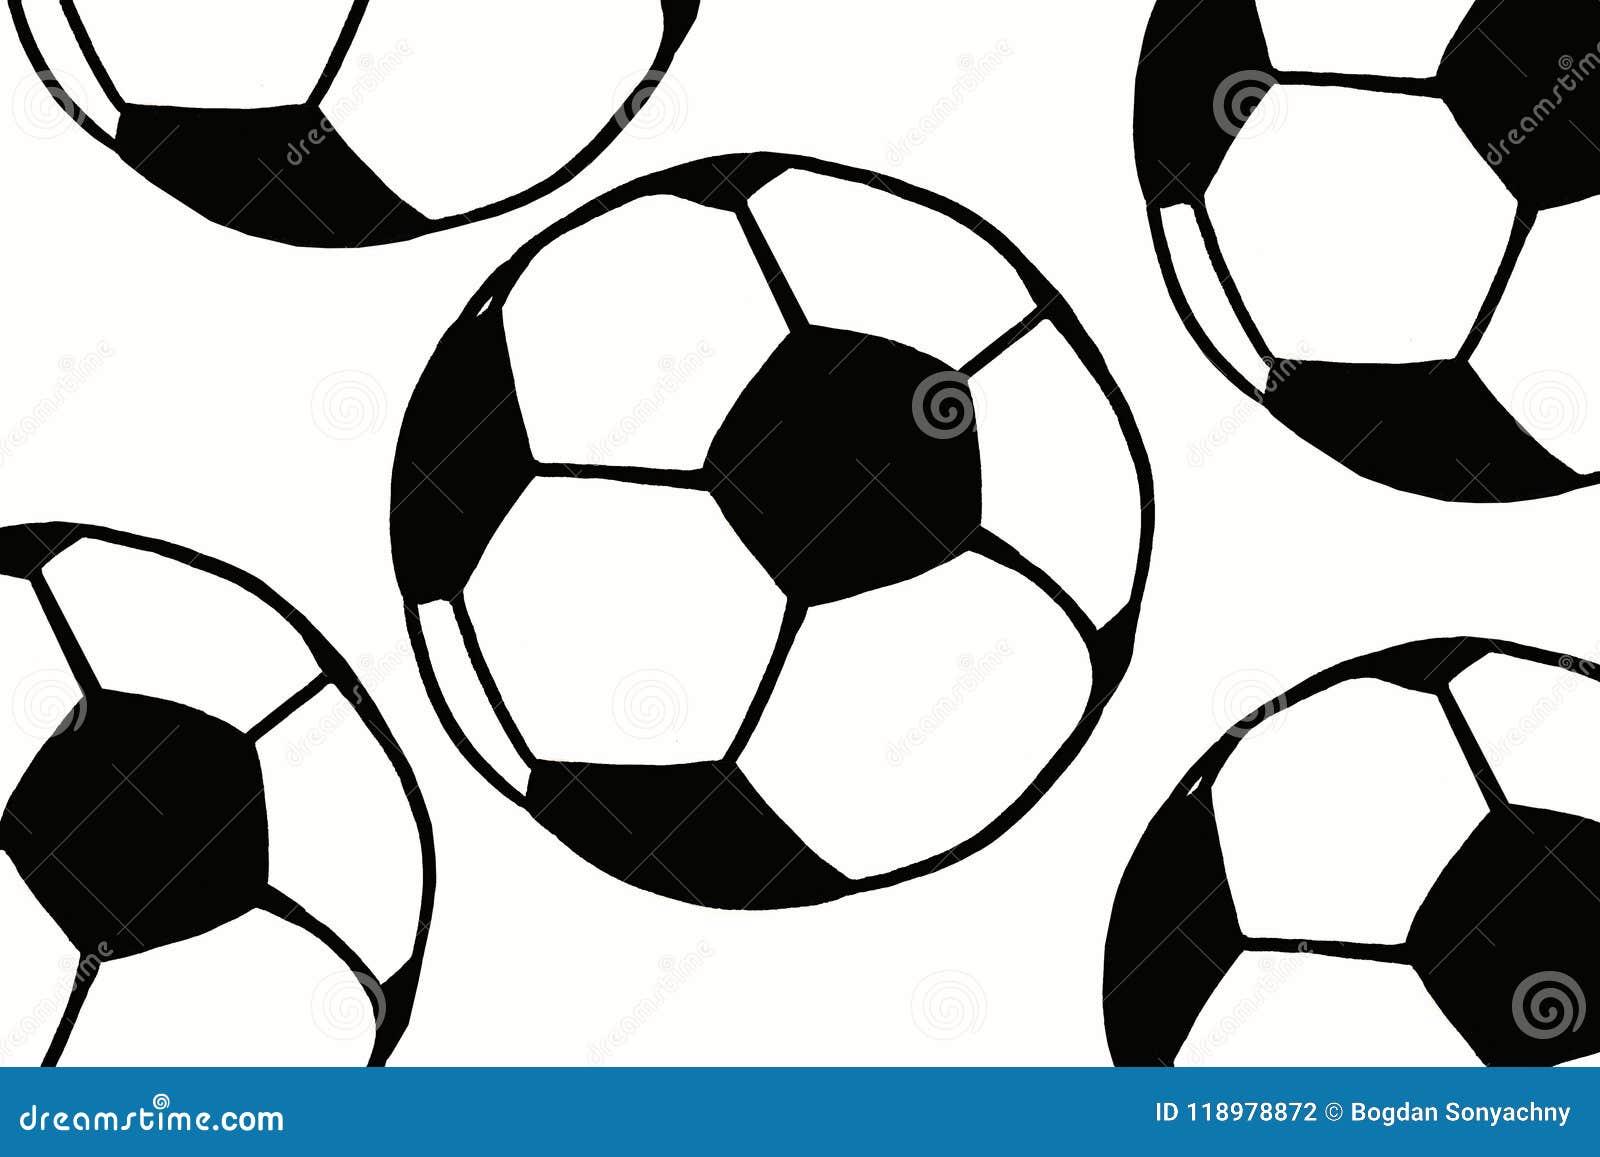 Illustration Simple Tirée Par La Main De Ballon De Football Modèle